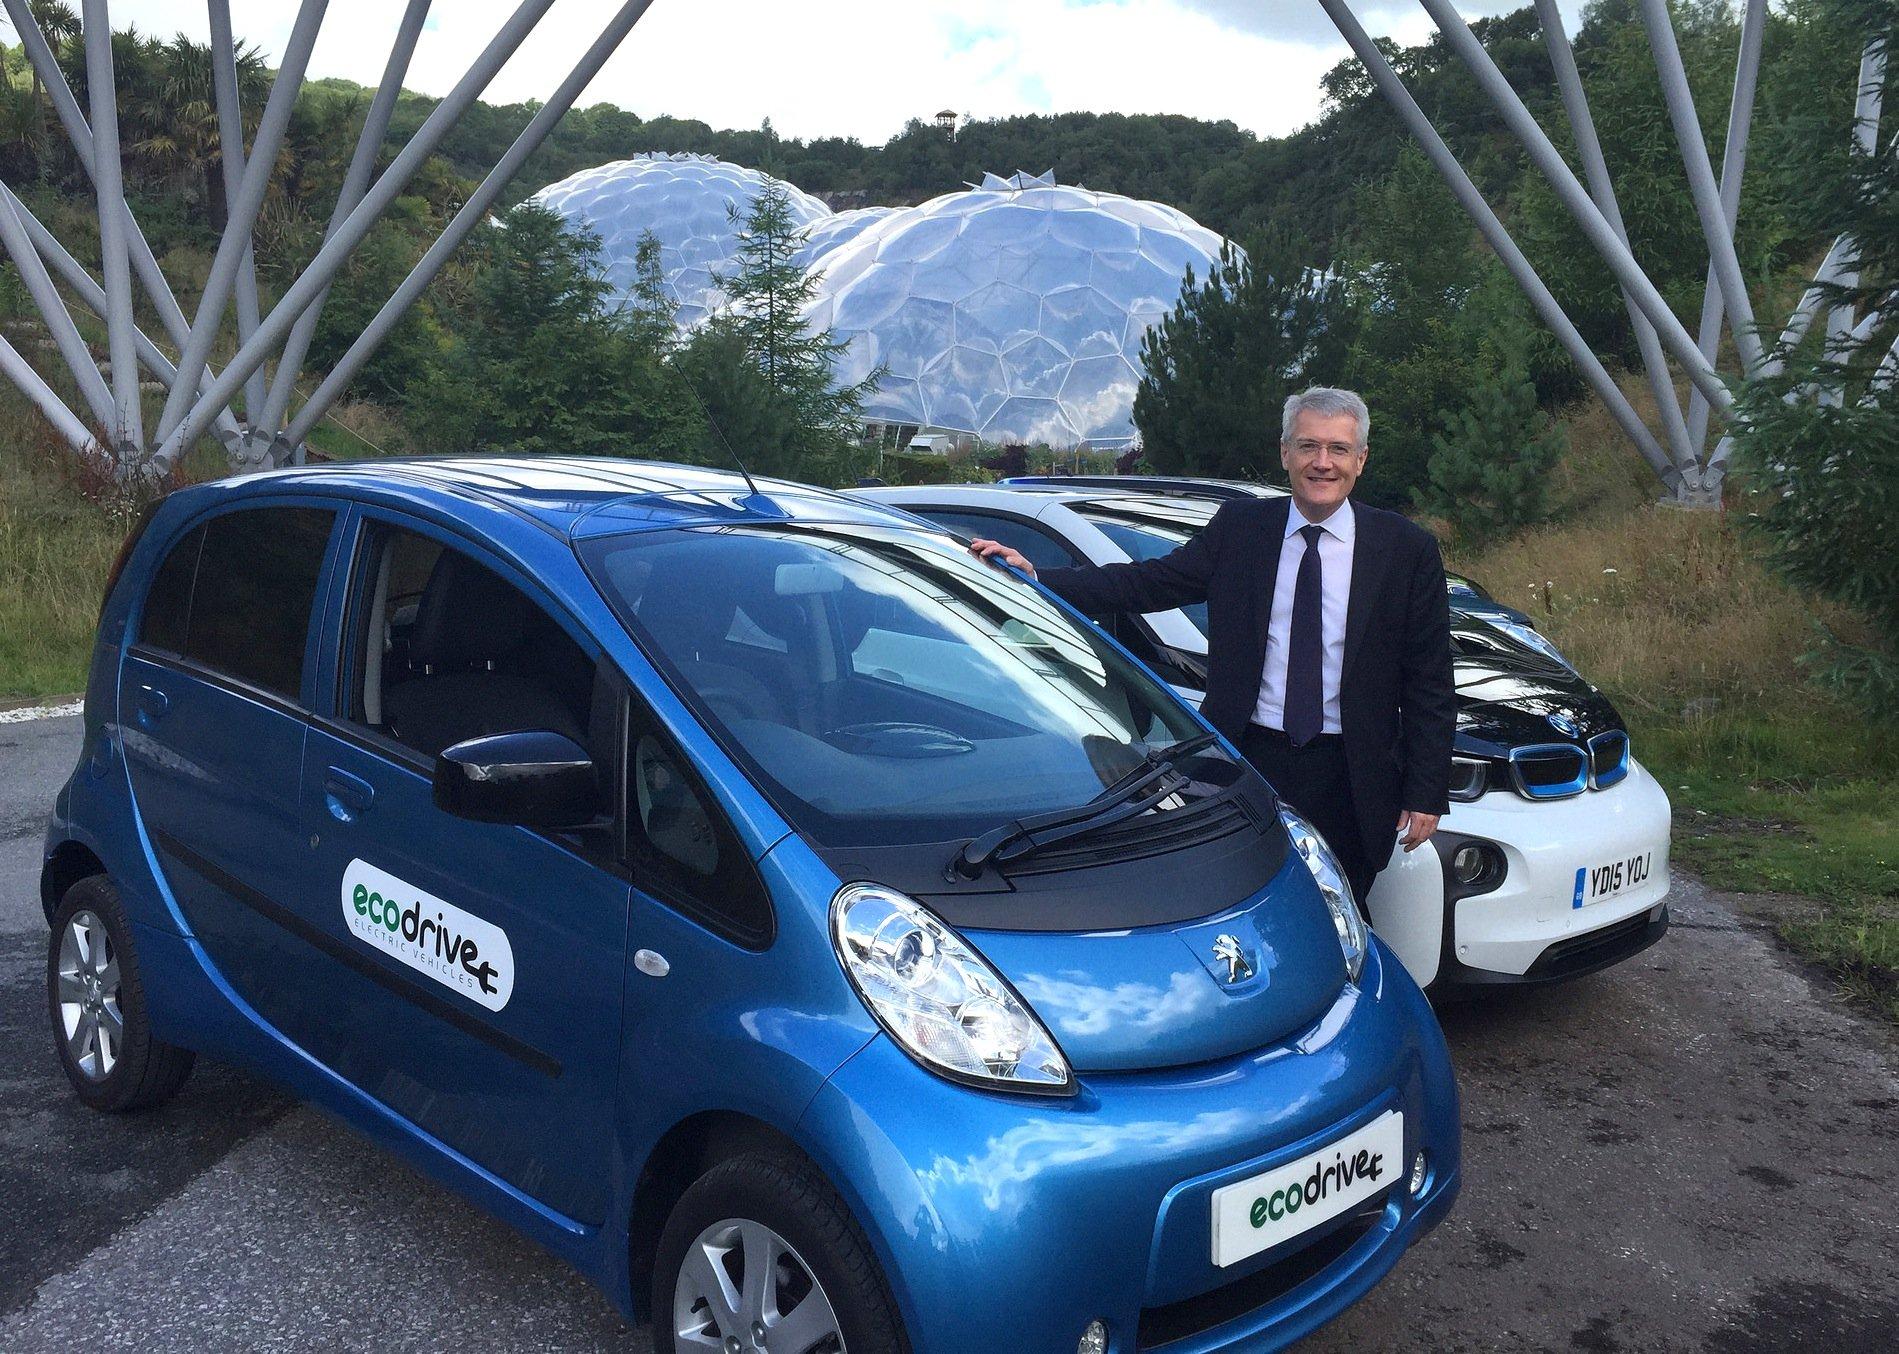 Der britische Transportminister Andrew Jones vor Elektroautos von Peugeot und BMW: Großbritannien will seine Autobahnen mit induktiver Ladetechnik ausrüsten und gibt dafür 700 Mio. € in den nächsten fünf Jahren aus.